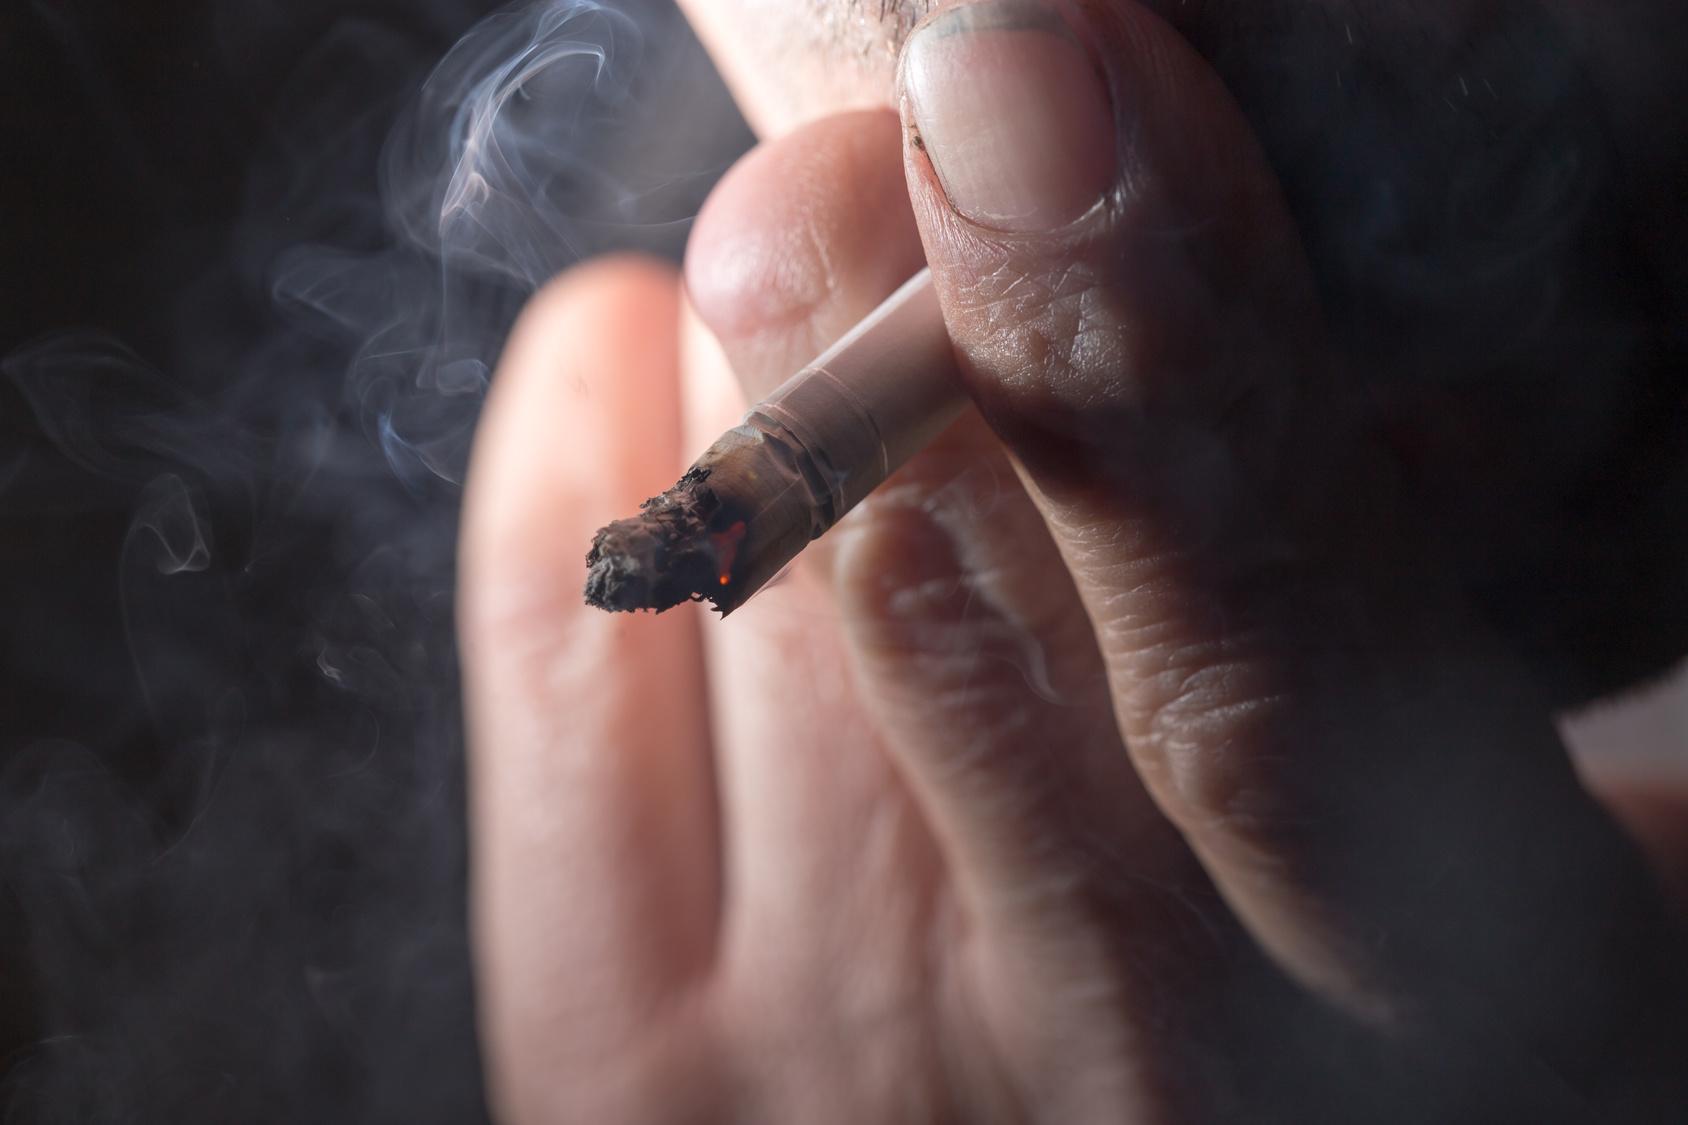 Schrecklich: Frau stirbt an Krebs, weil ihre Kollegen im Büro rauchten!